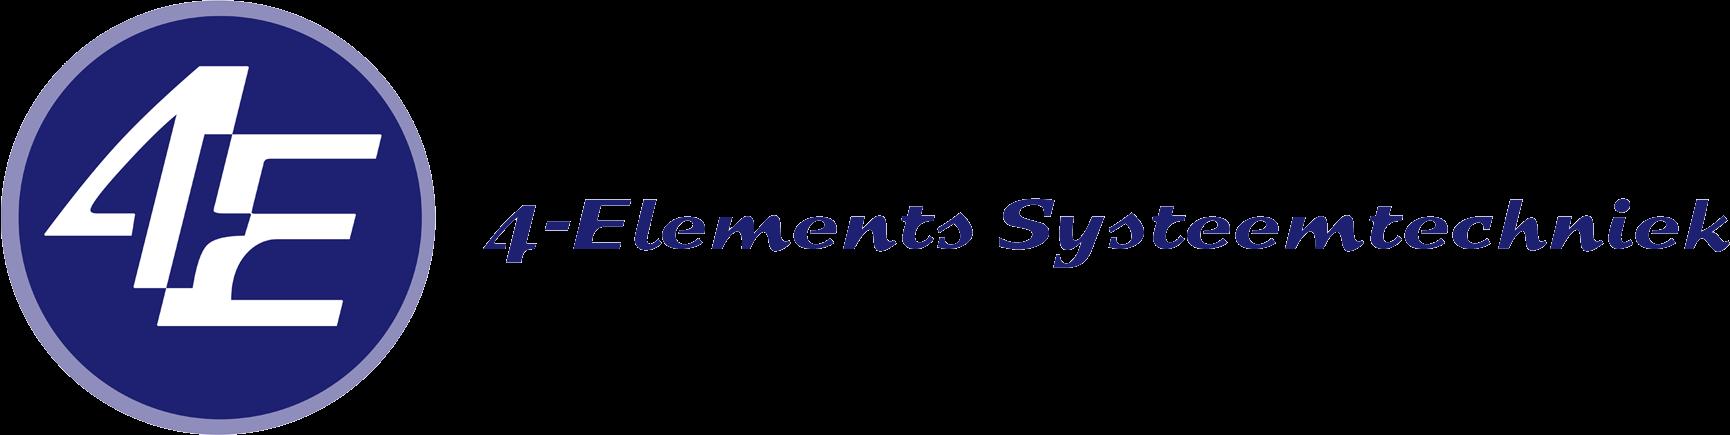 4-Elements Systeemtechniek